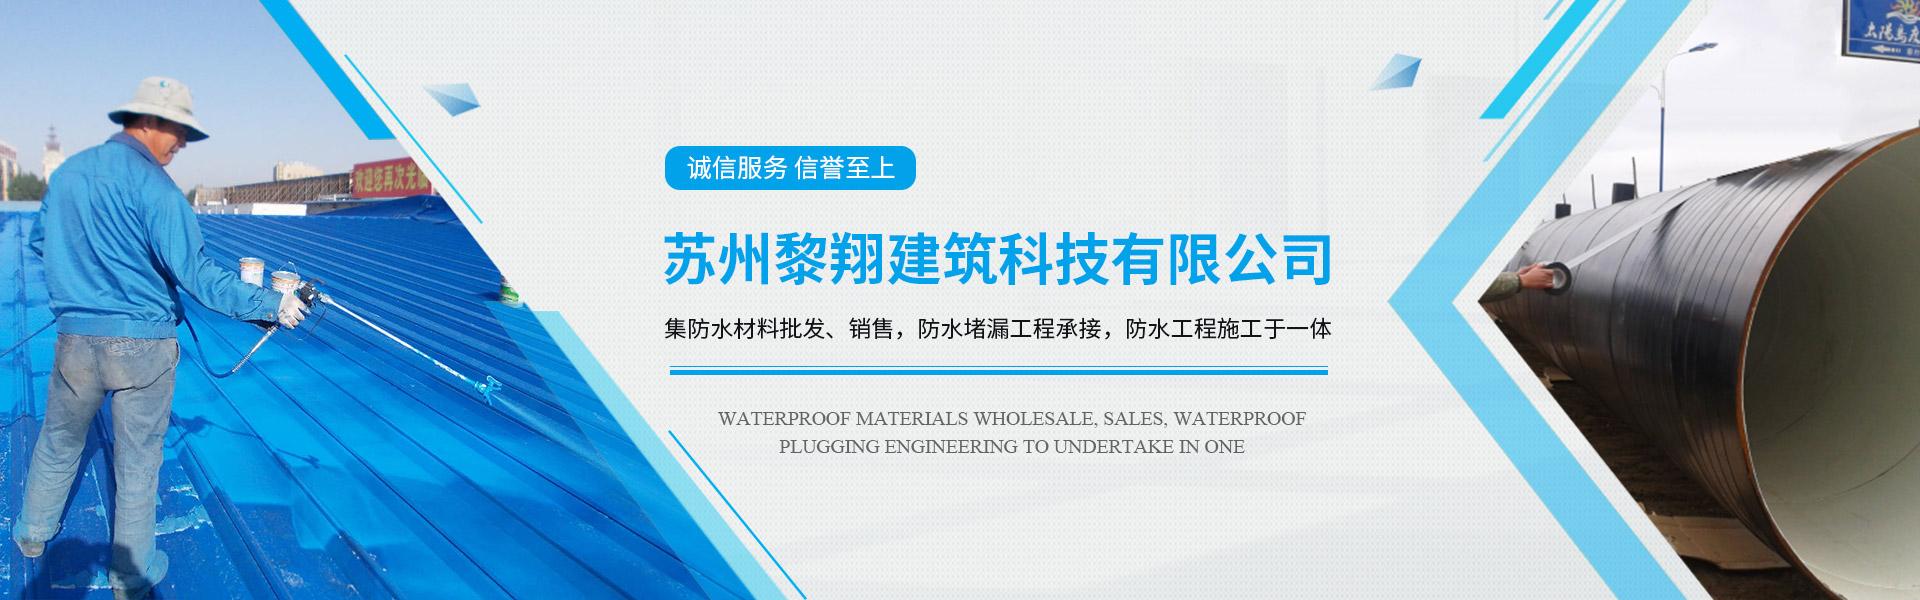 苏州黎翔建筑科技有限公司